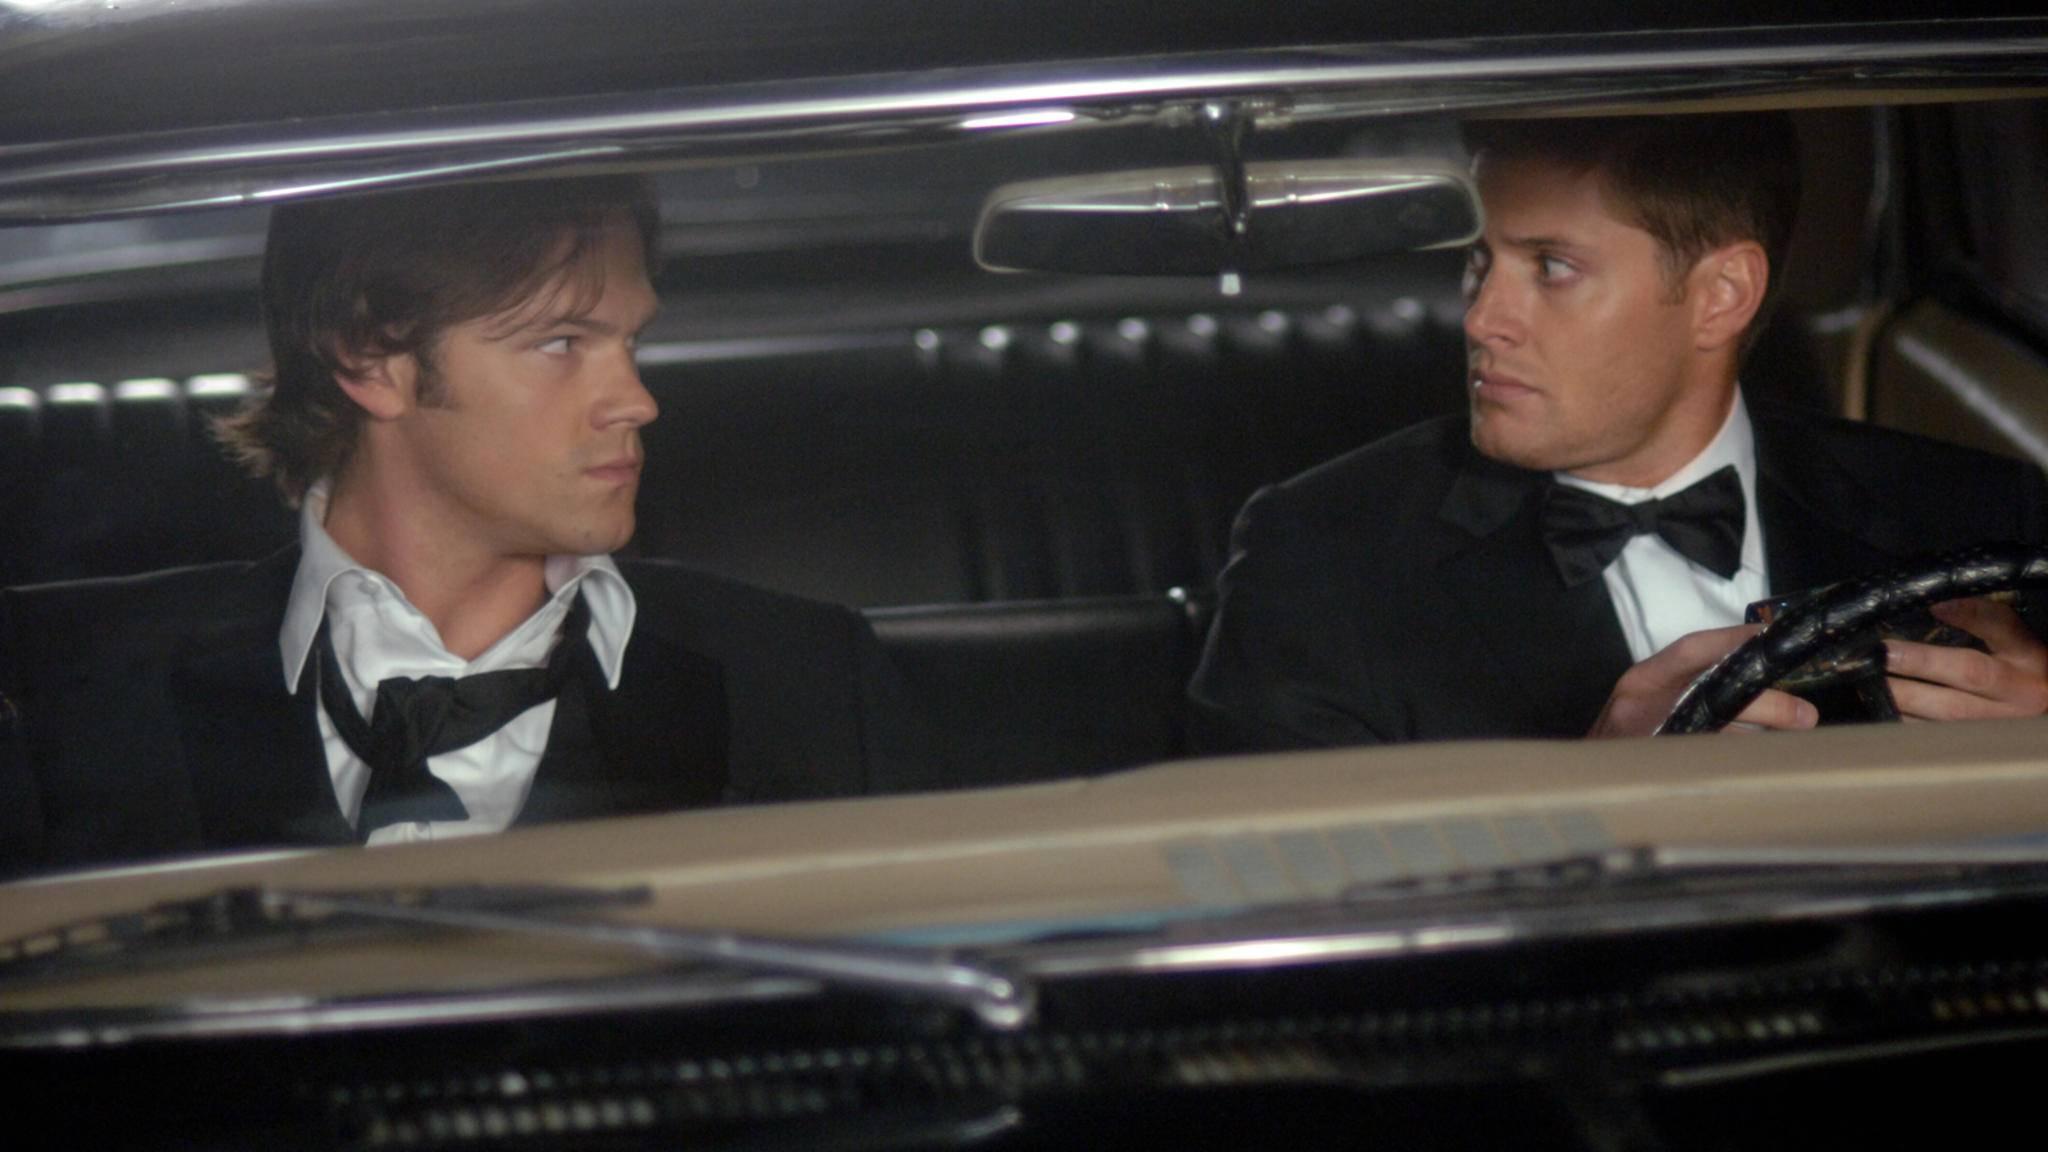 Wie bitte?! In Staffel 14 müssen wir auf einen der beiden Winchesters verzichten!